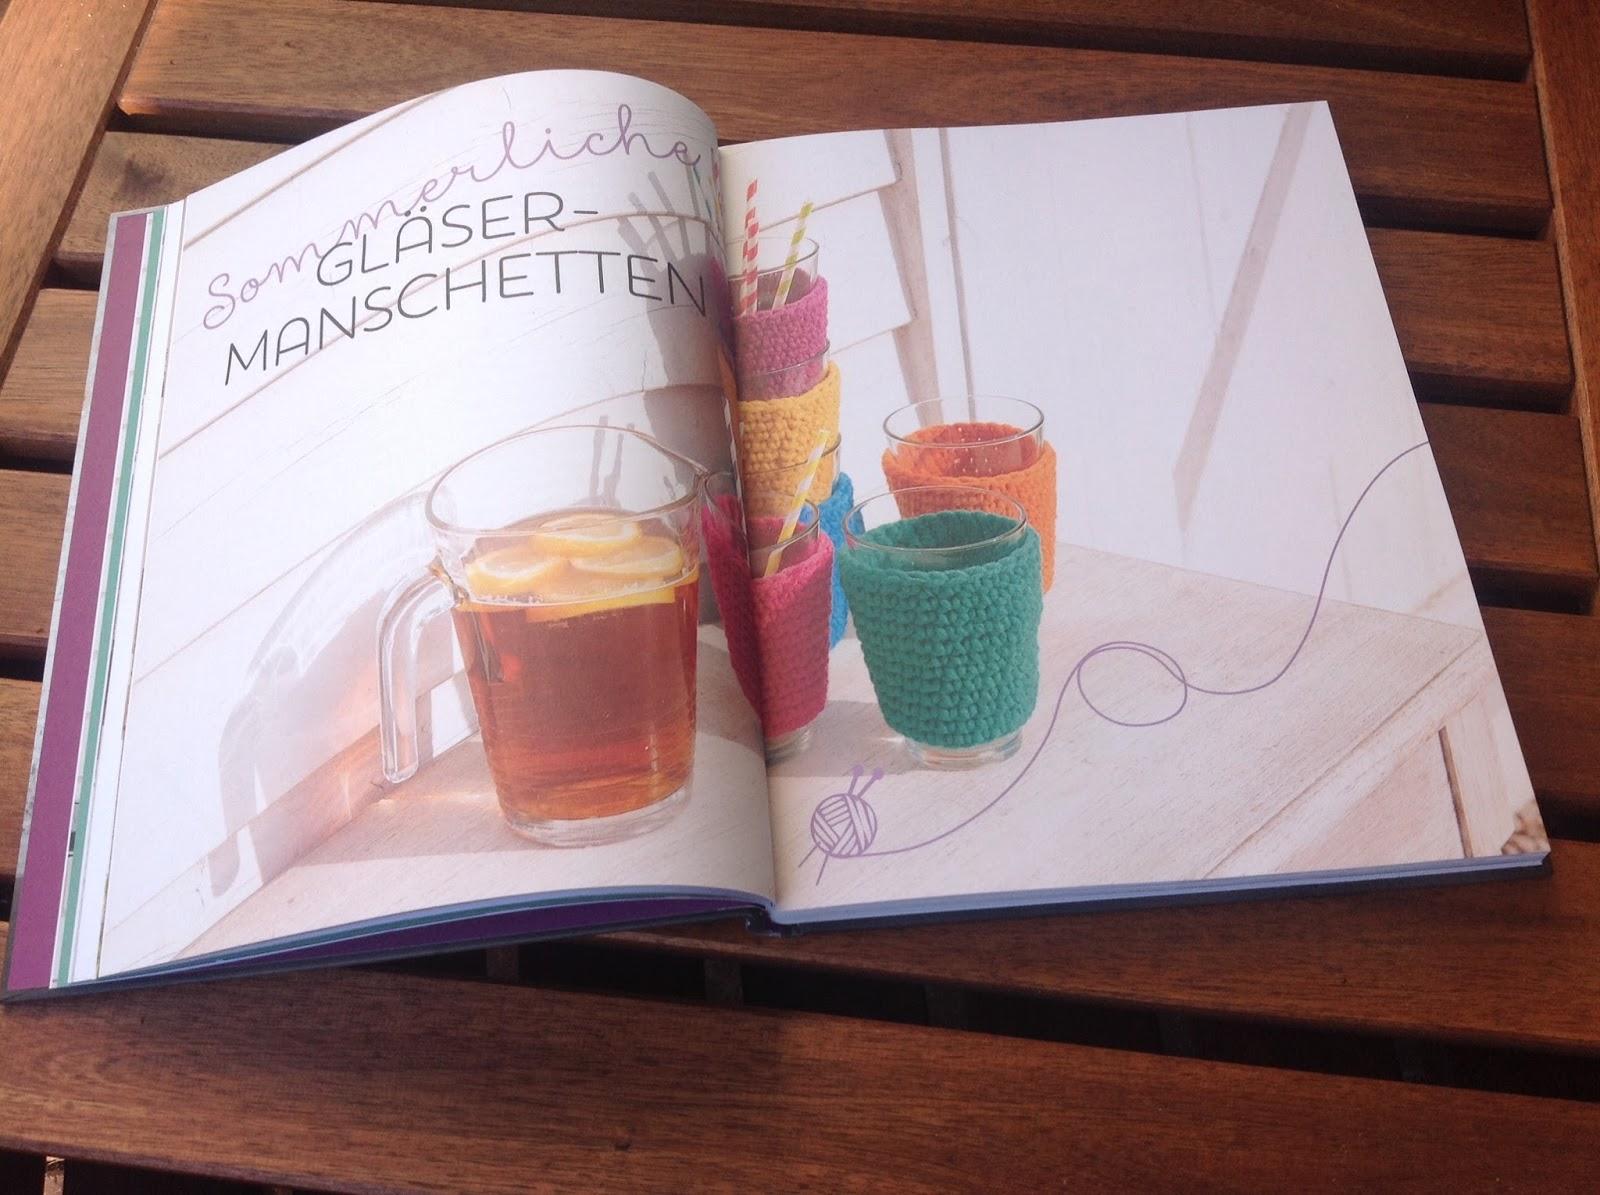 Sarah Wiener Strickbuch Gläsermanschetten